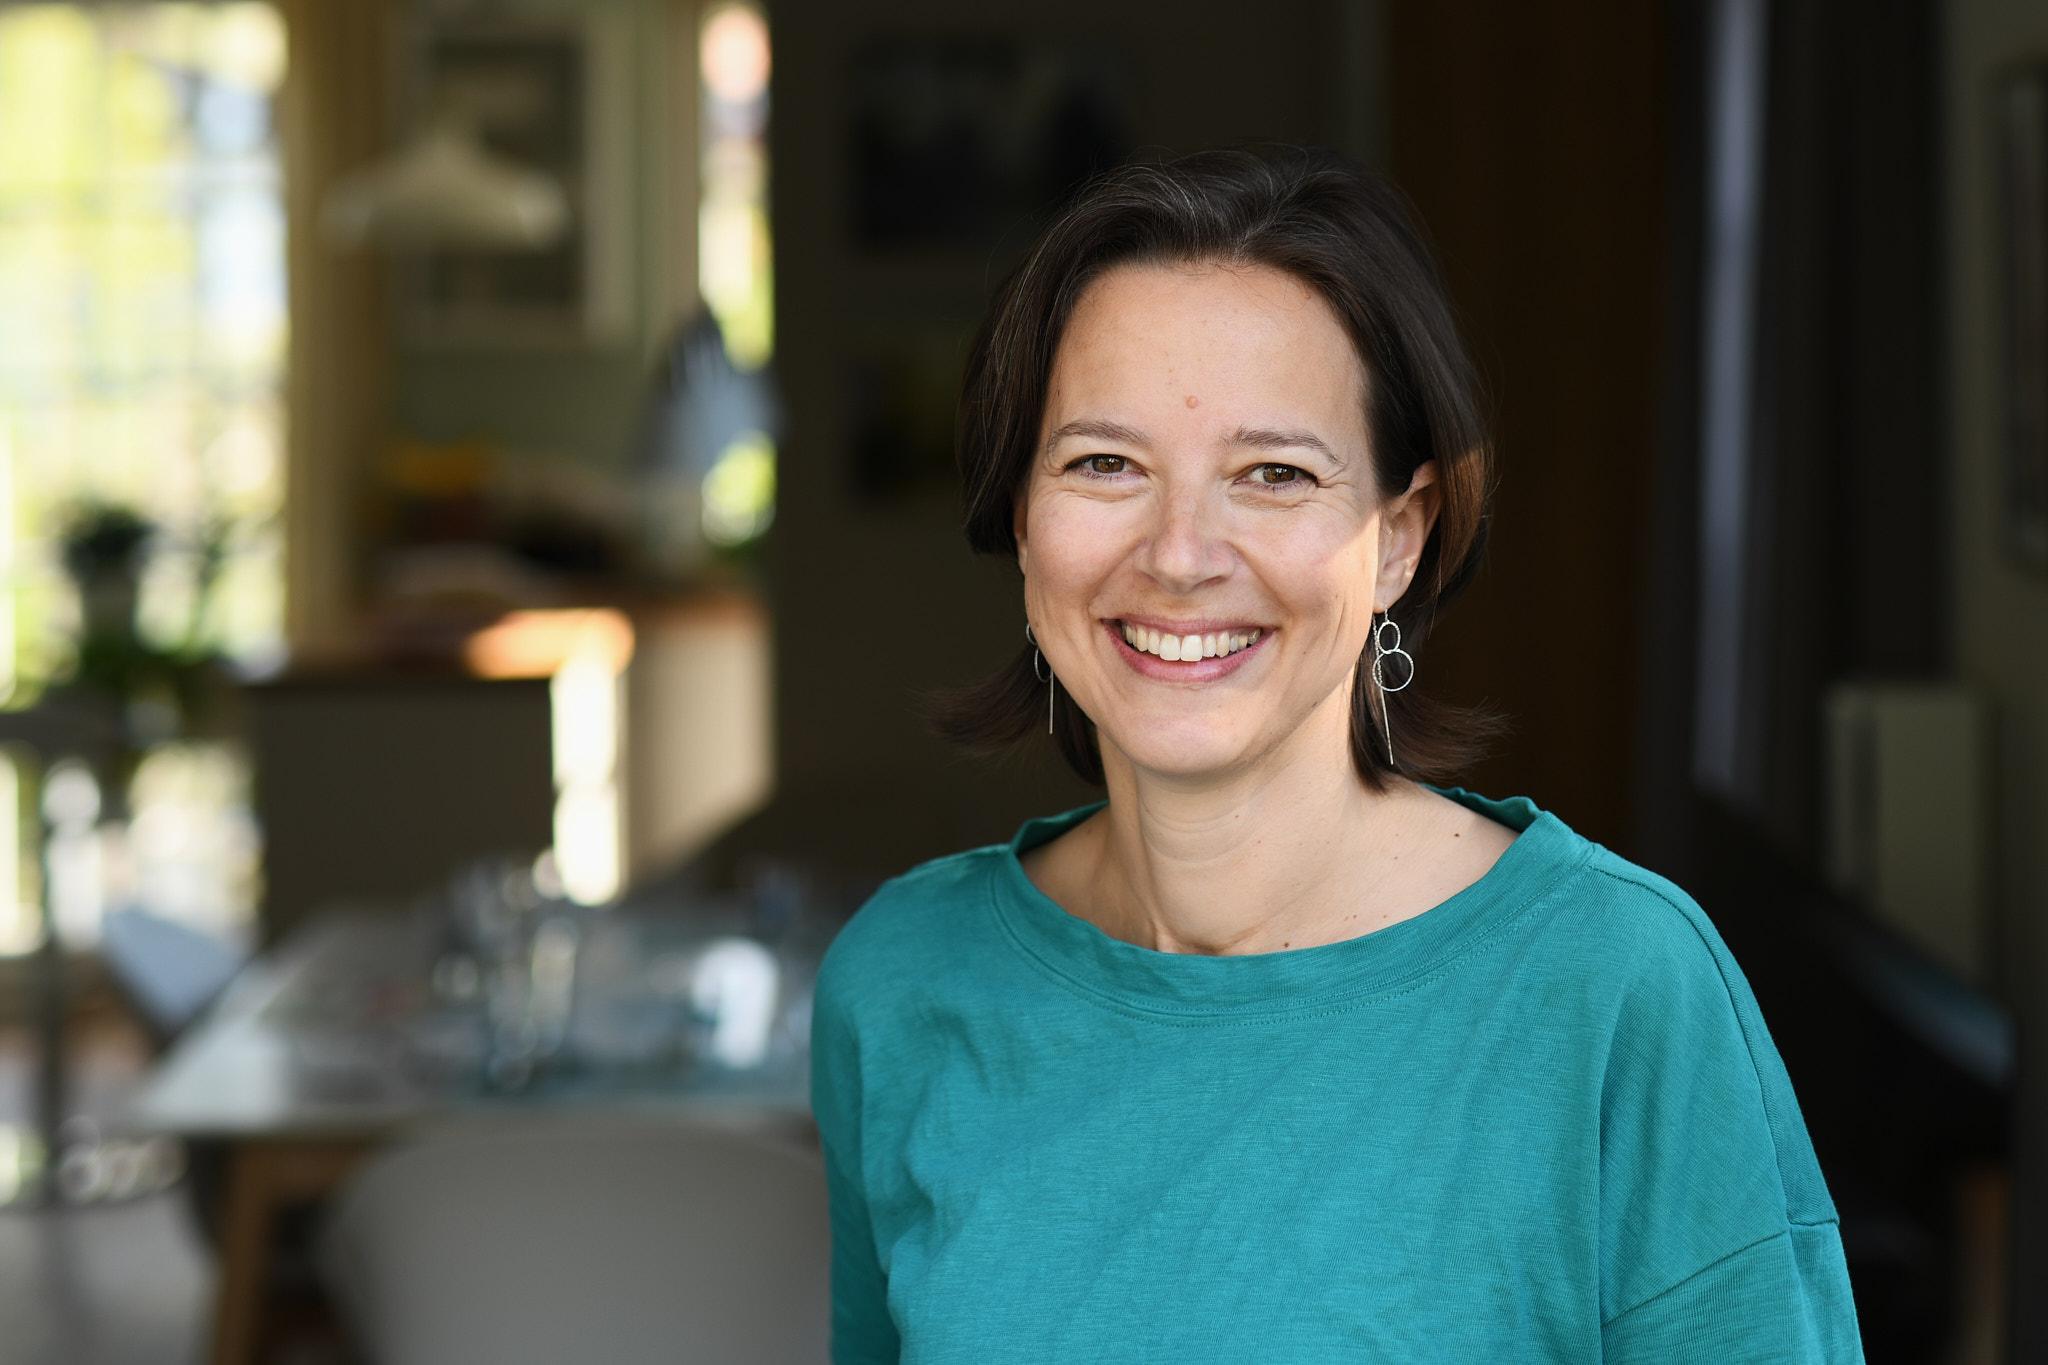 Marianne Schnitzler Personal Branding, Websitefotos, Portrait